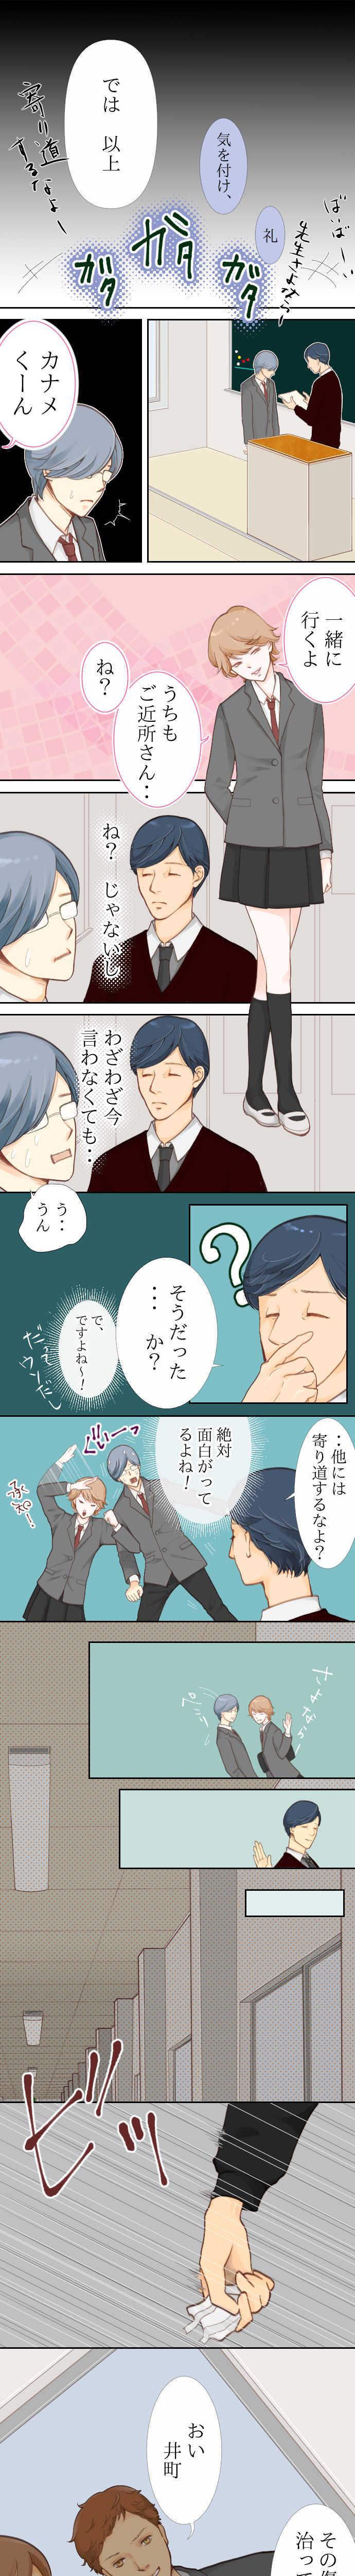 04. ラミアの口笛-1